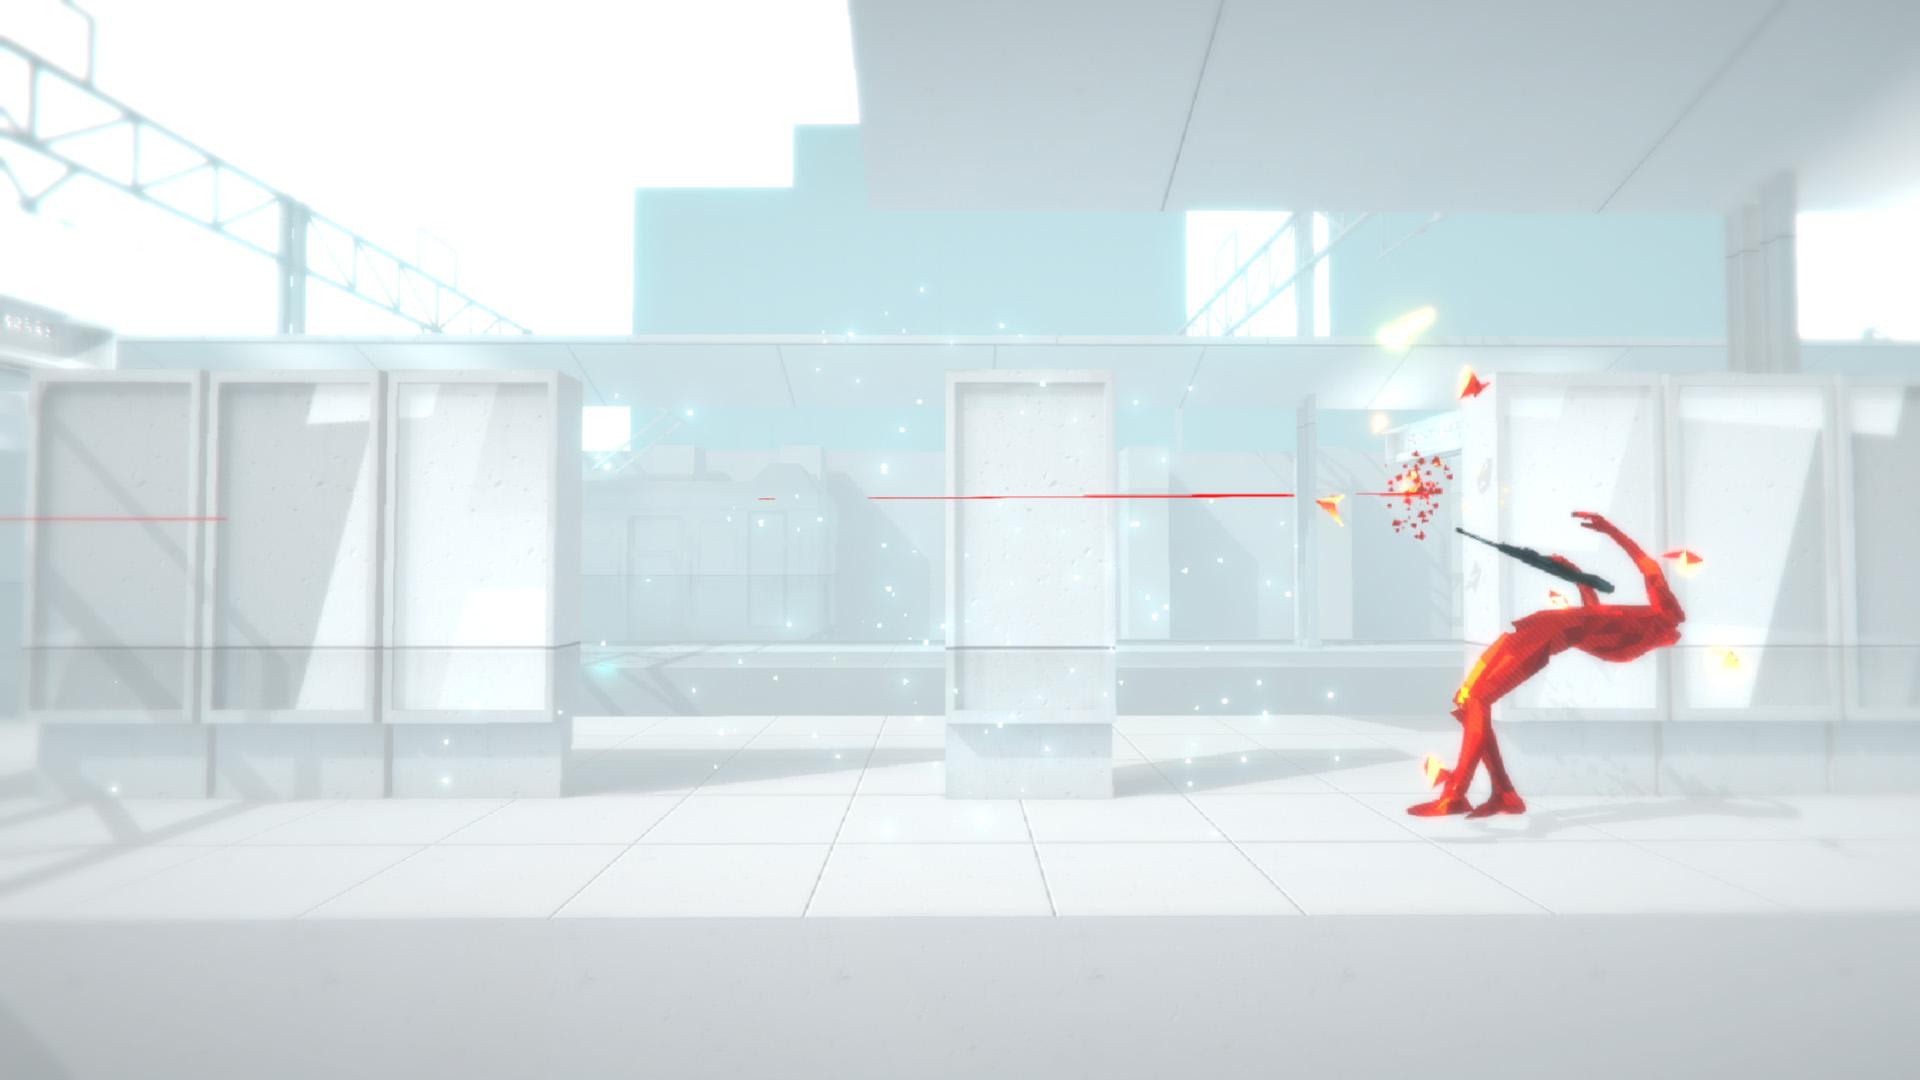 Superhot designer drops the mic at GDC